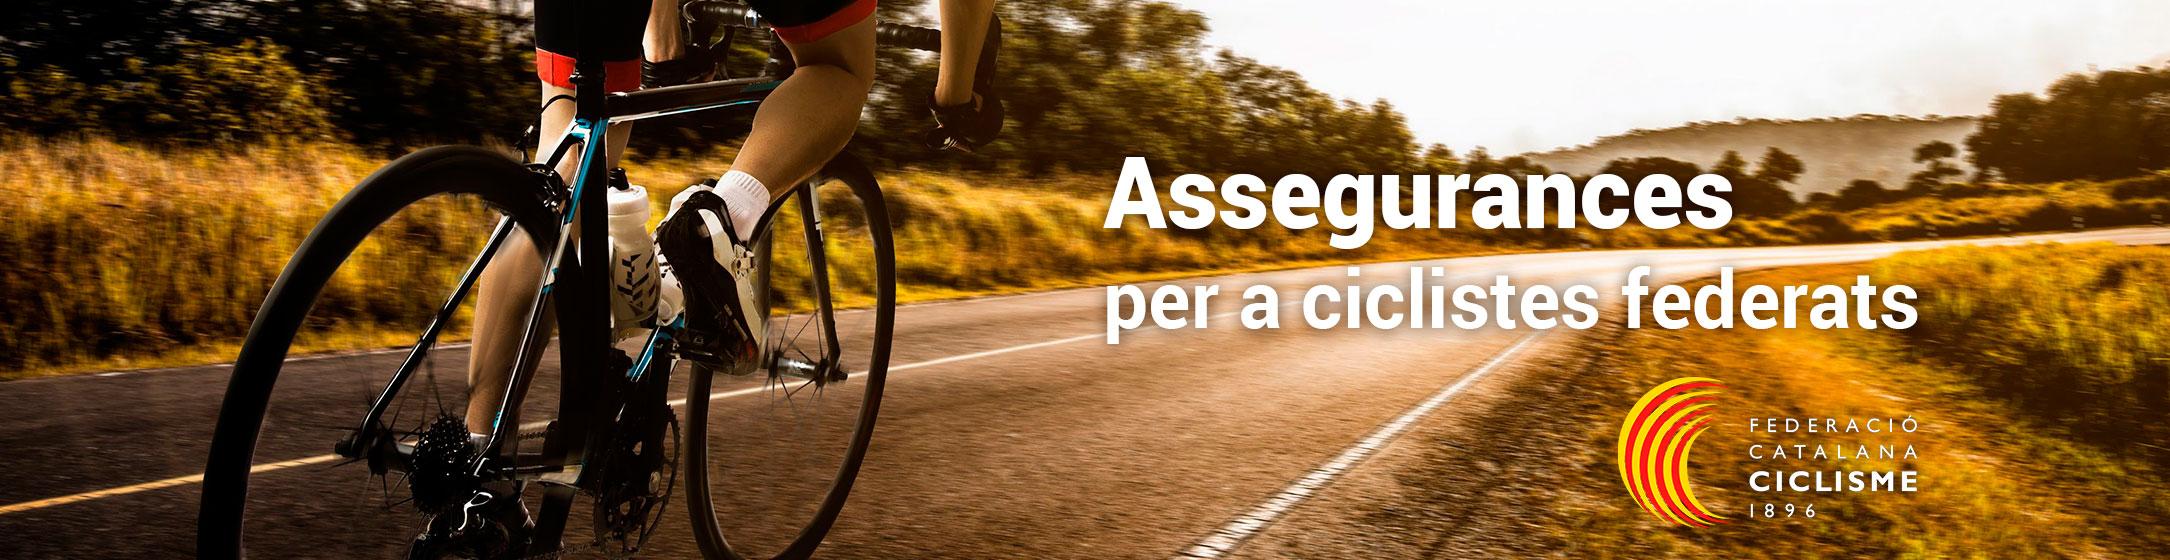 Federació Catalana Ciclisme